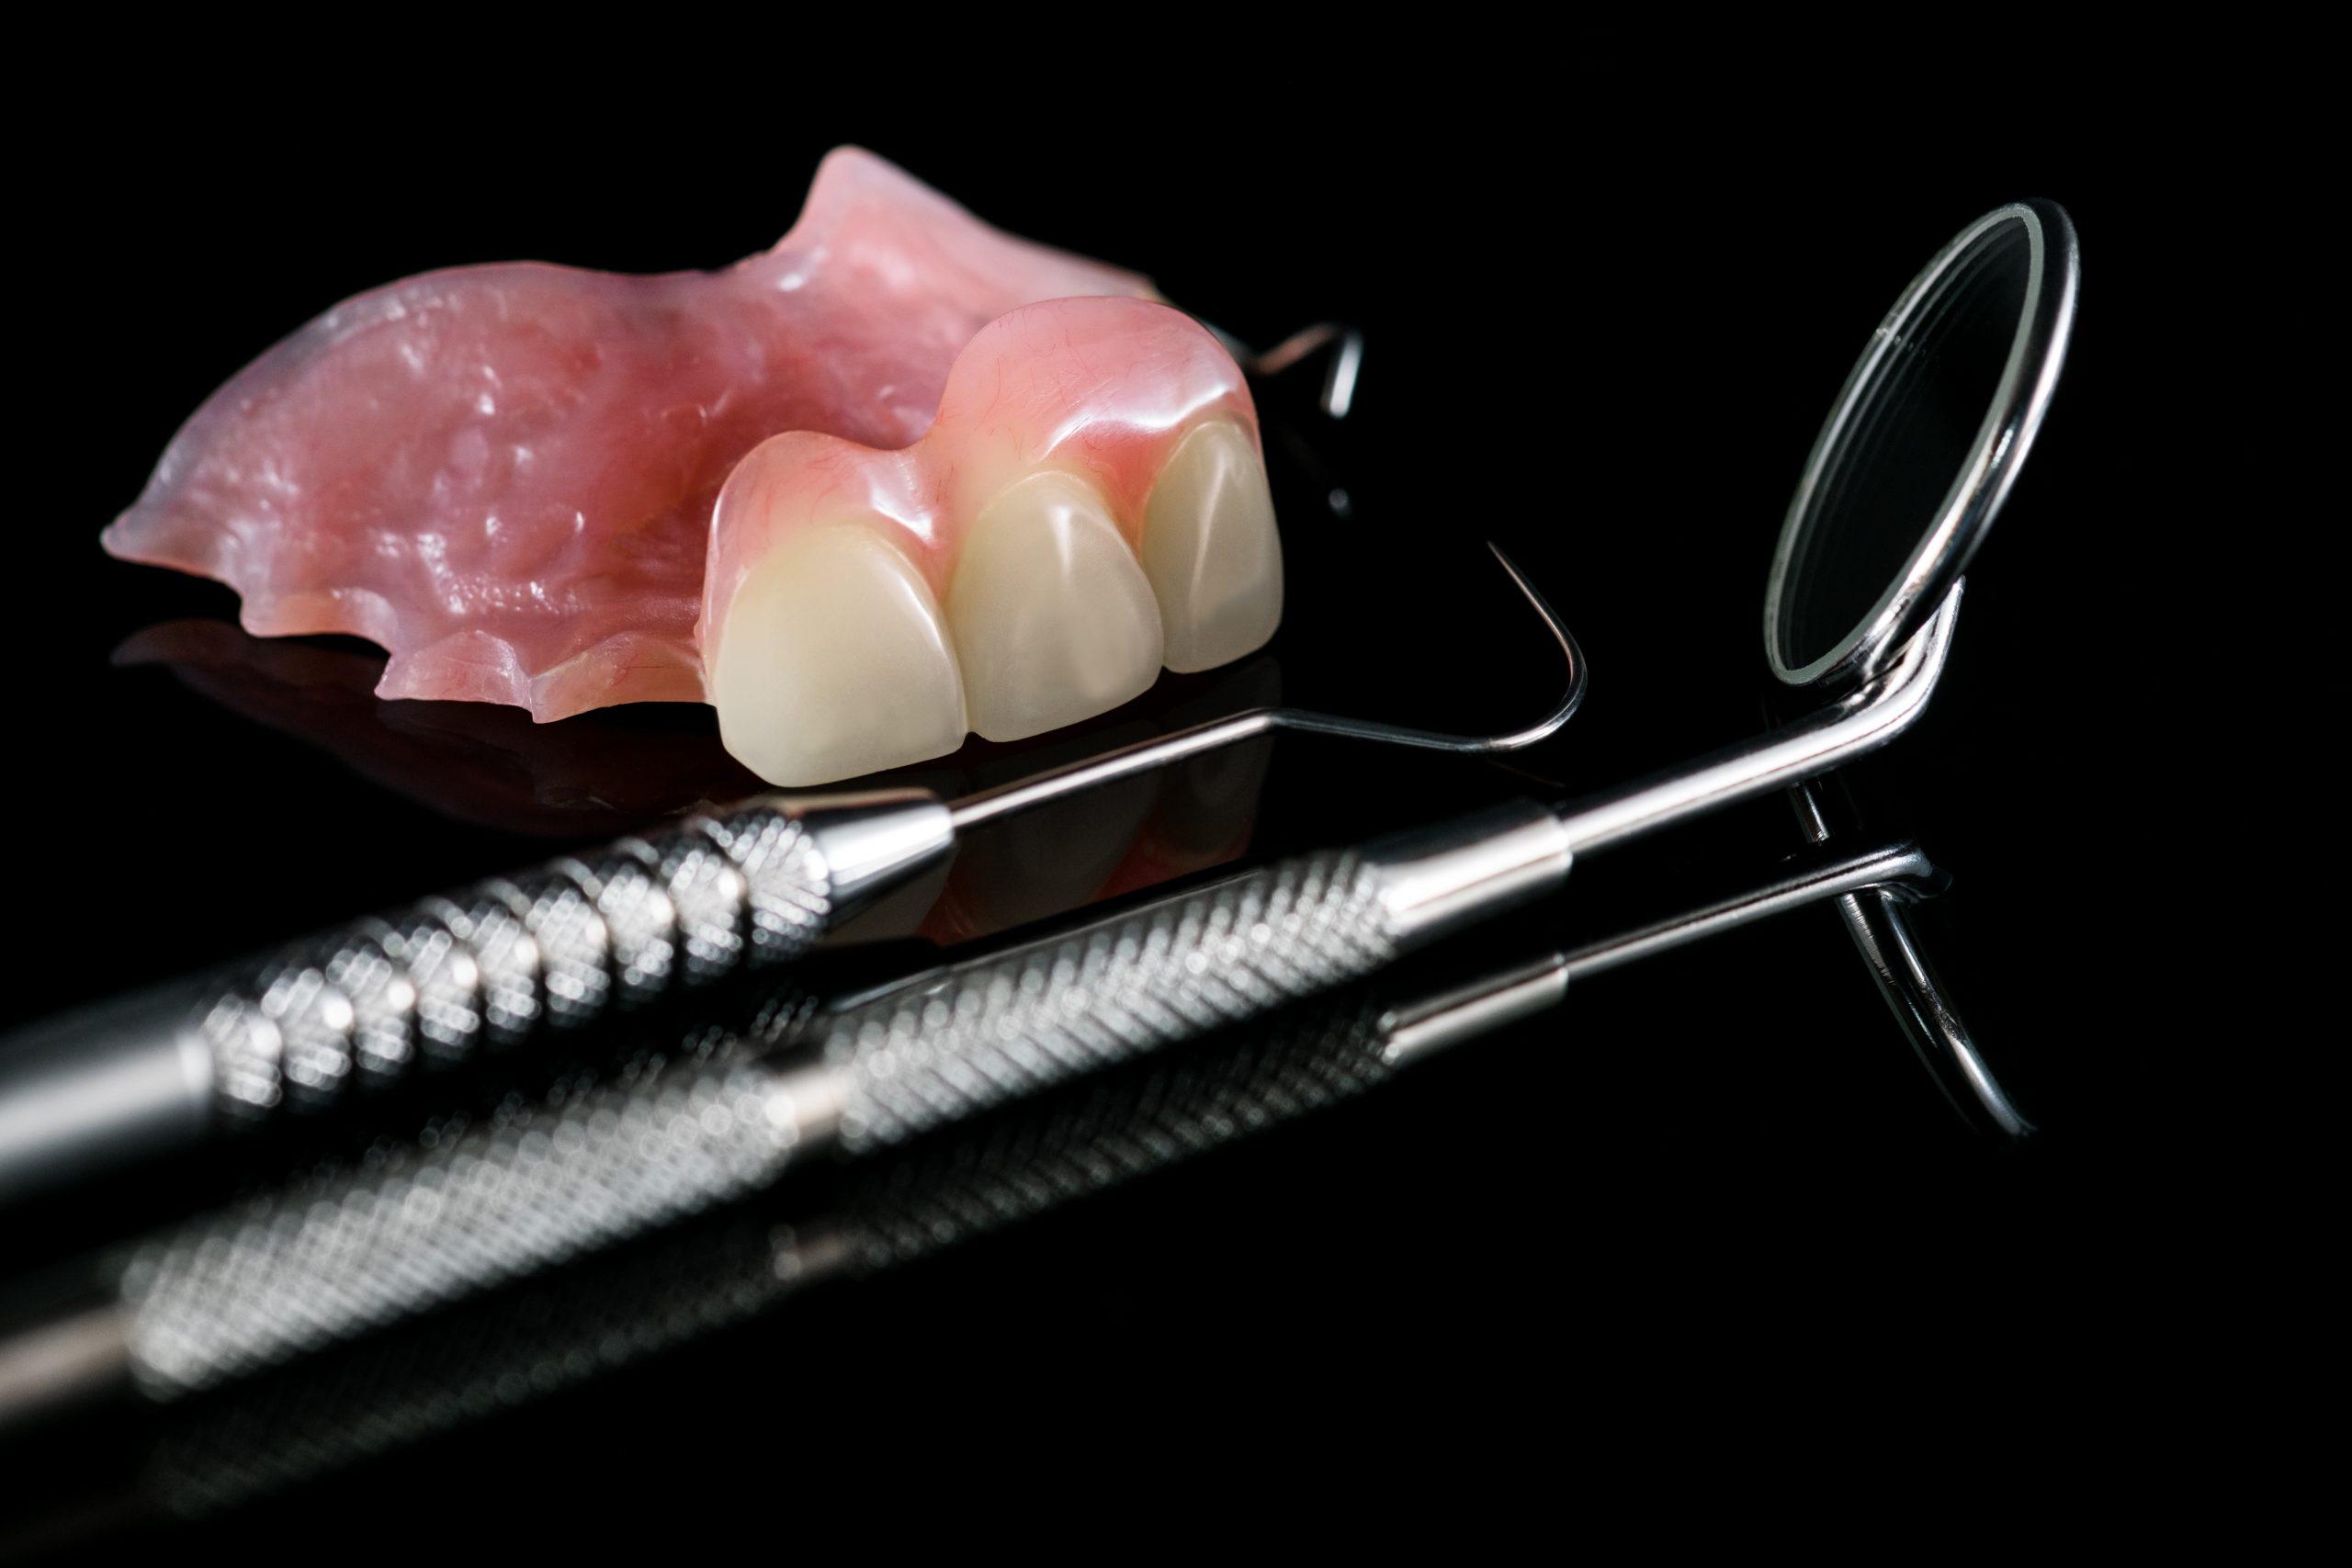 Dental prosthetic isolatic - partial denture upper side